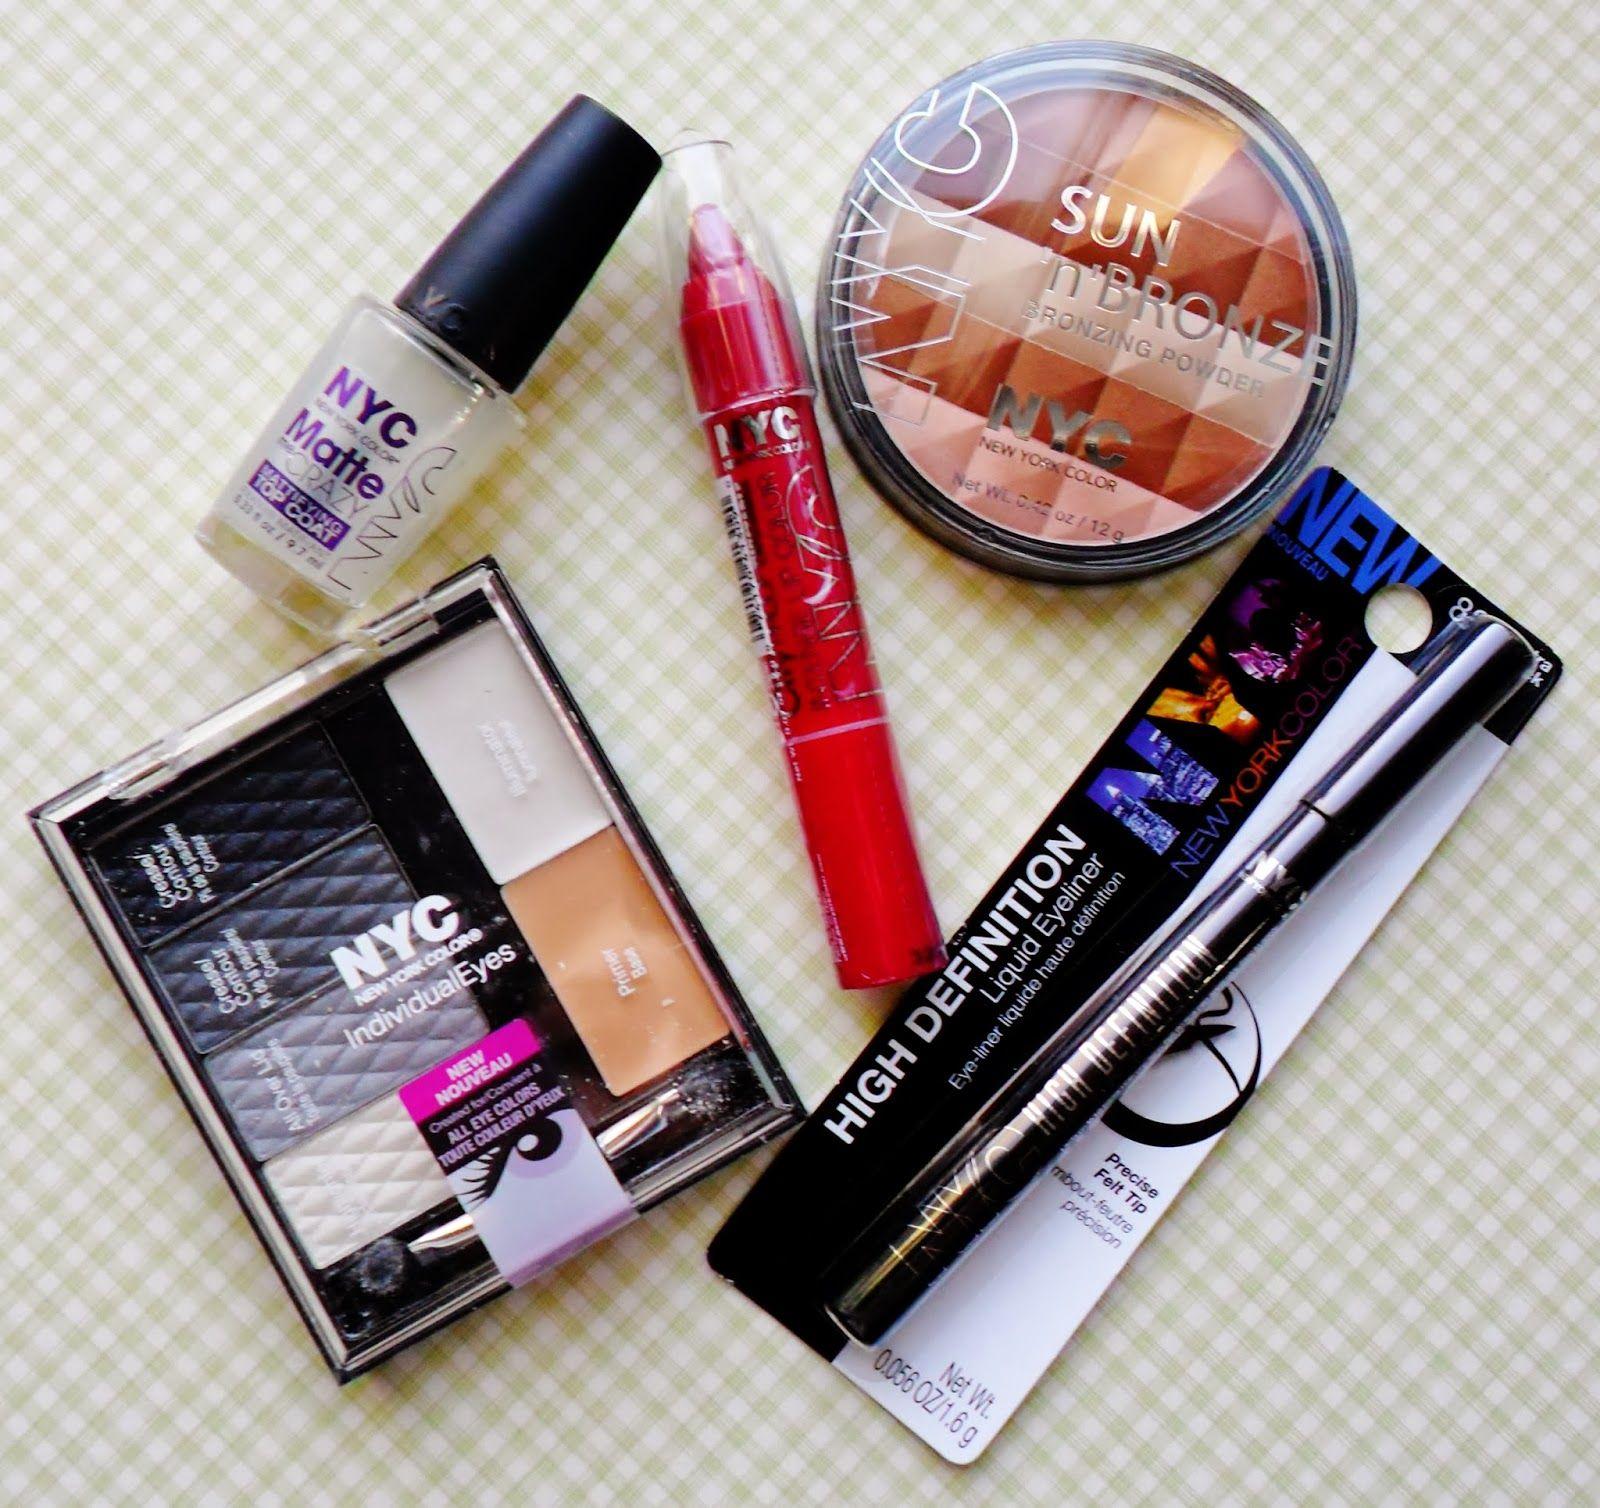 Influenster NYC Brand Box Nyc, Influenster, Beauty deals